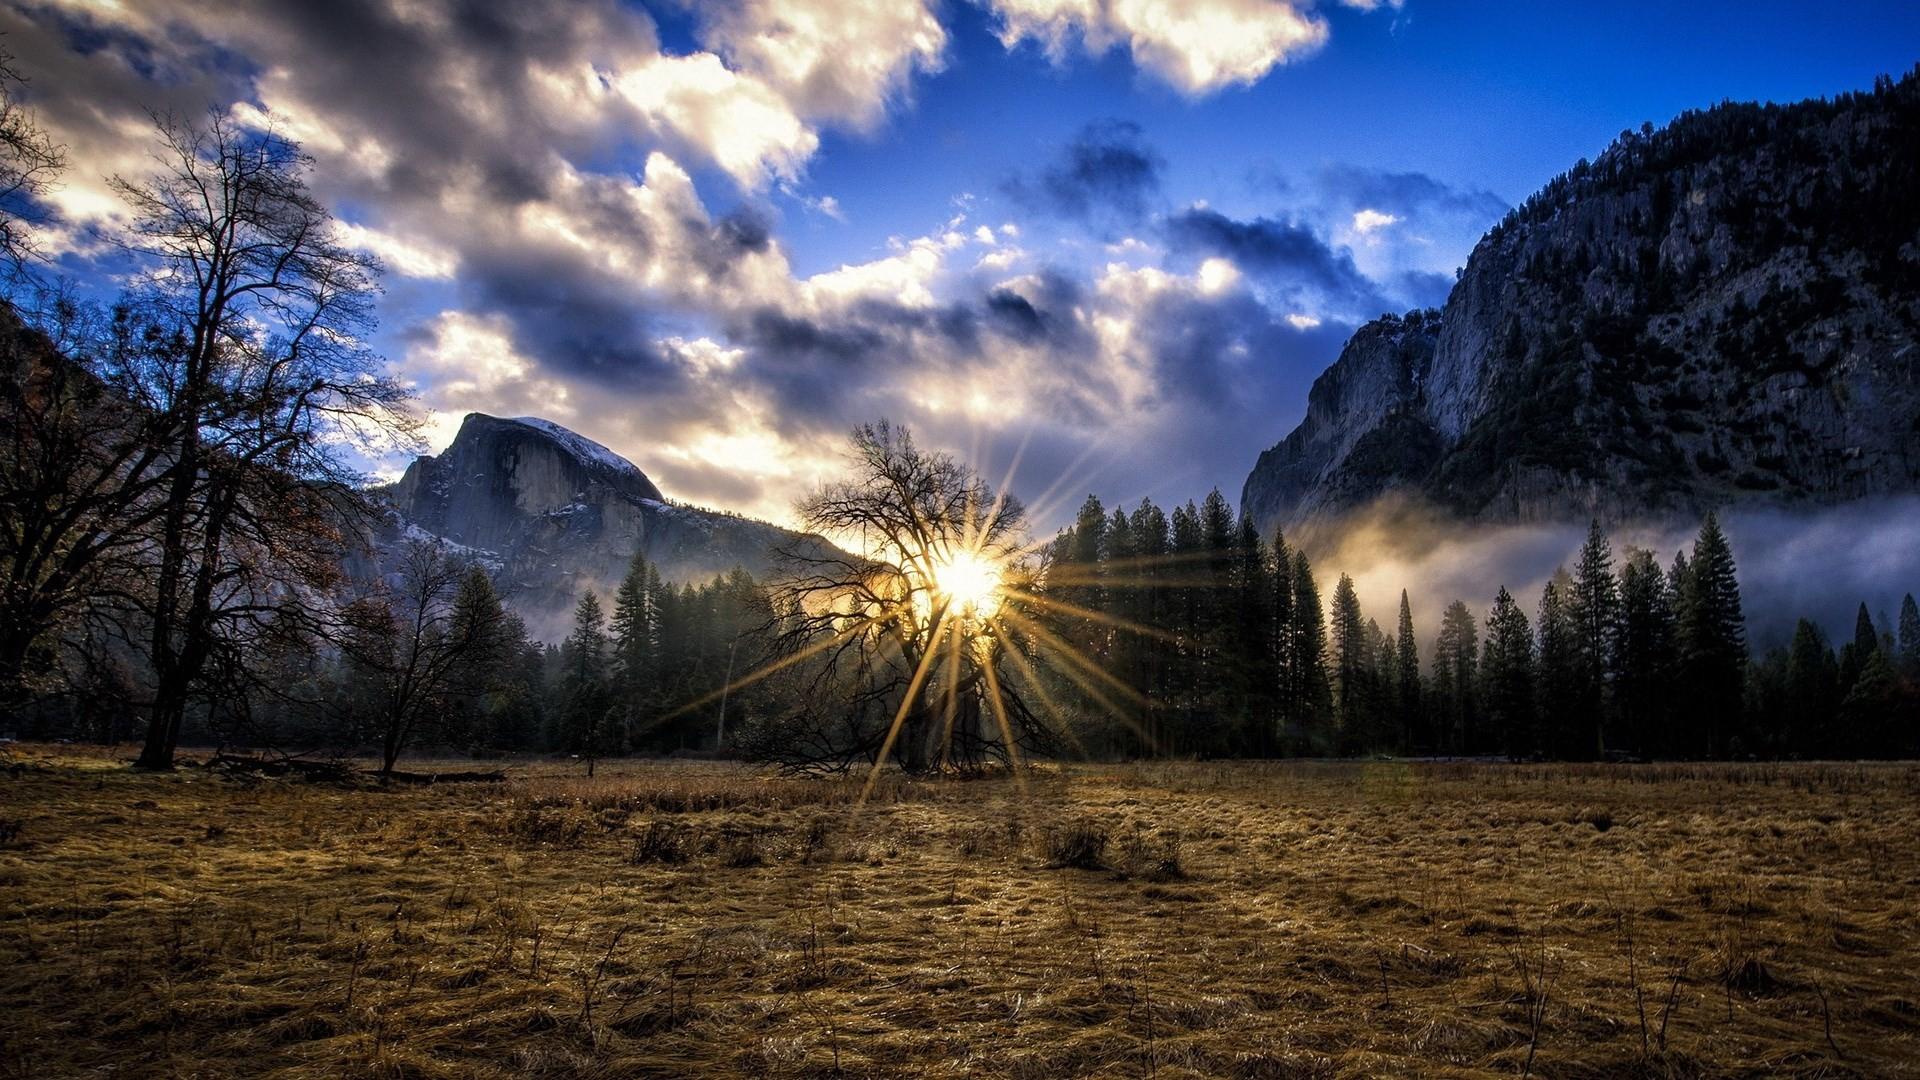 HD Widescreen Wallpaper – sunbeam